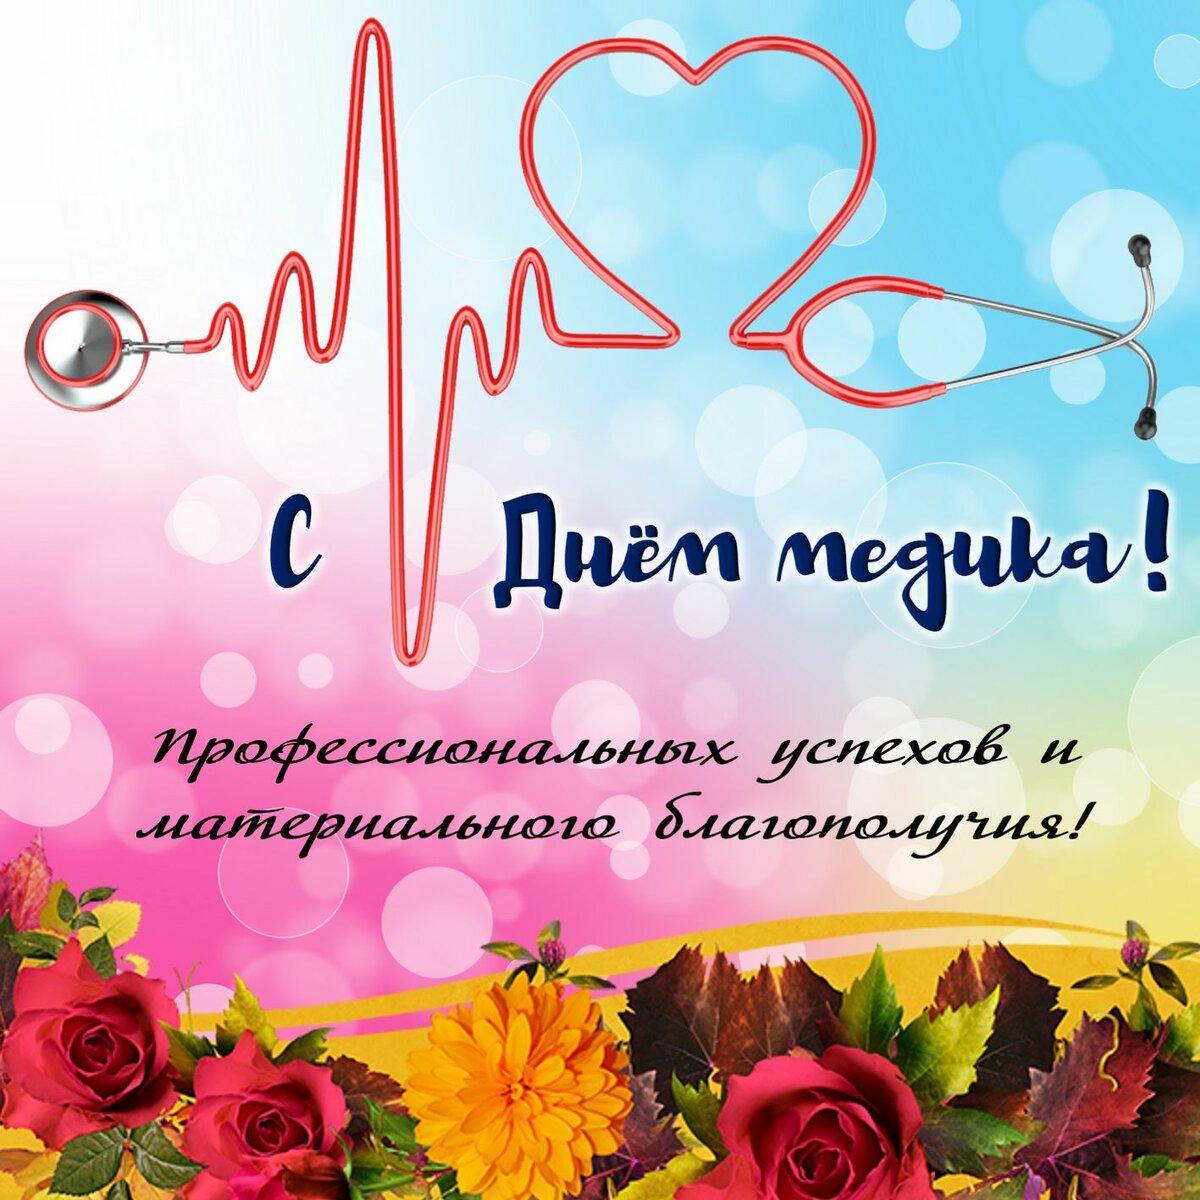 Открытки день медицинского работника в 2017 году в россии